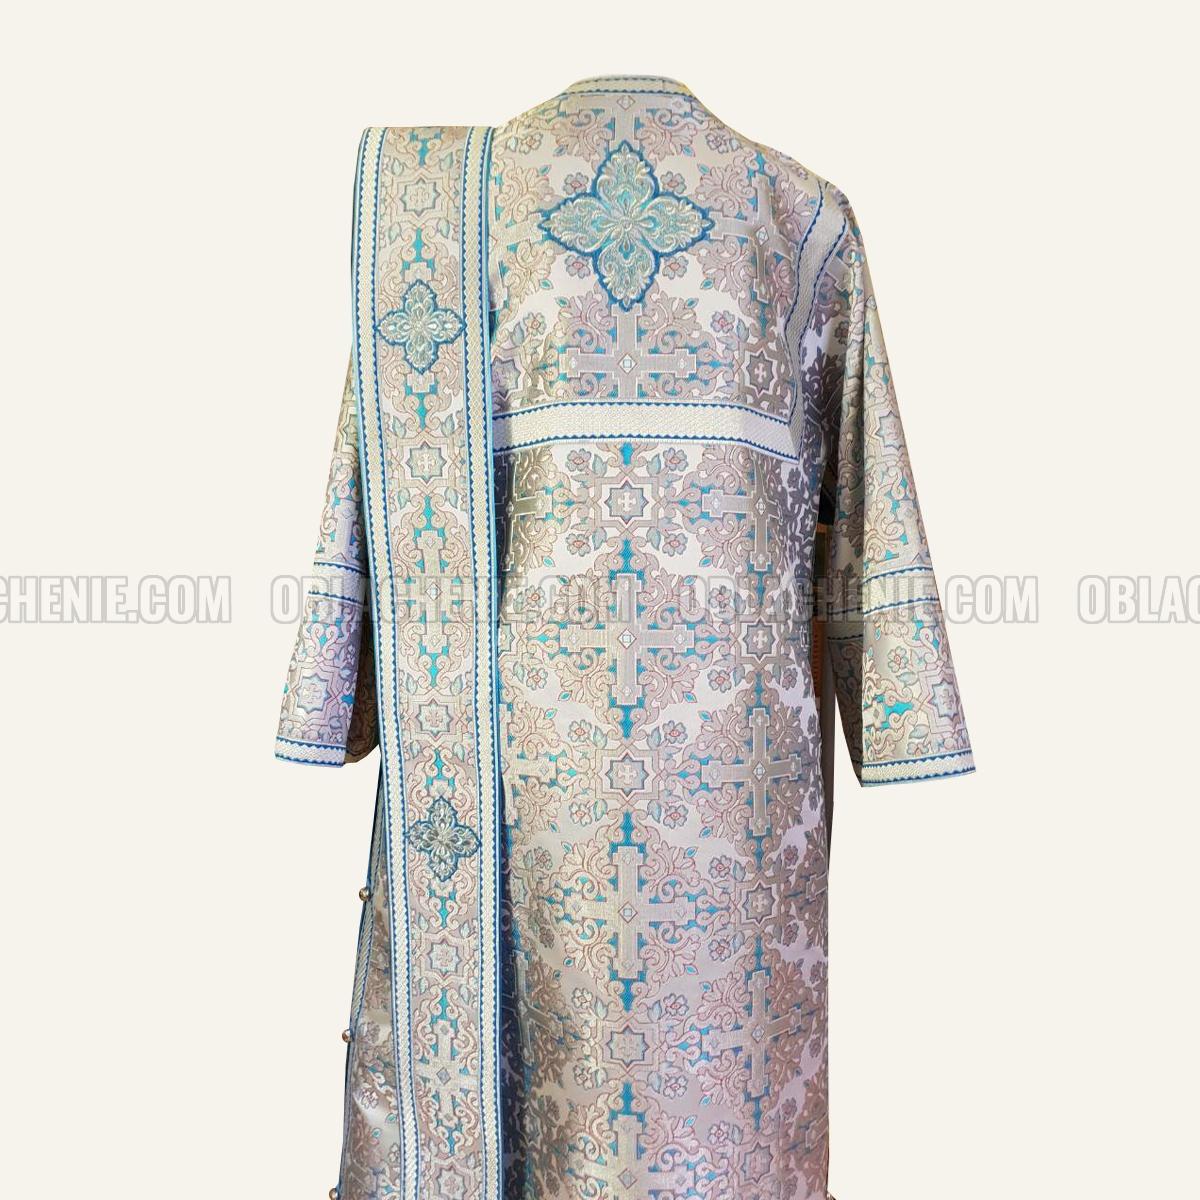 Deacon's vestments 10372